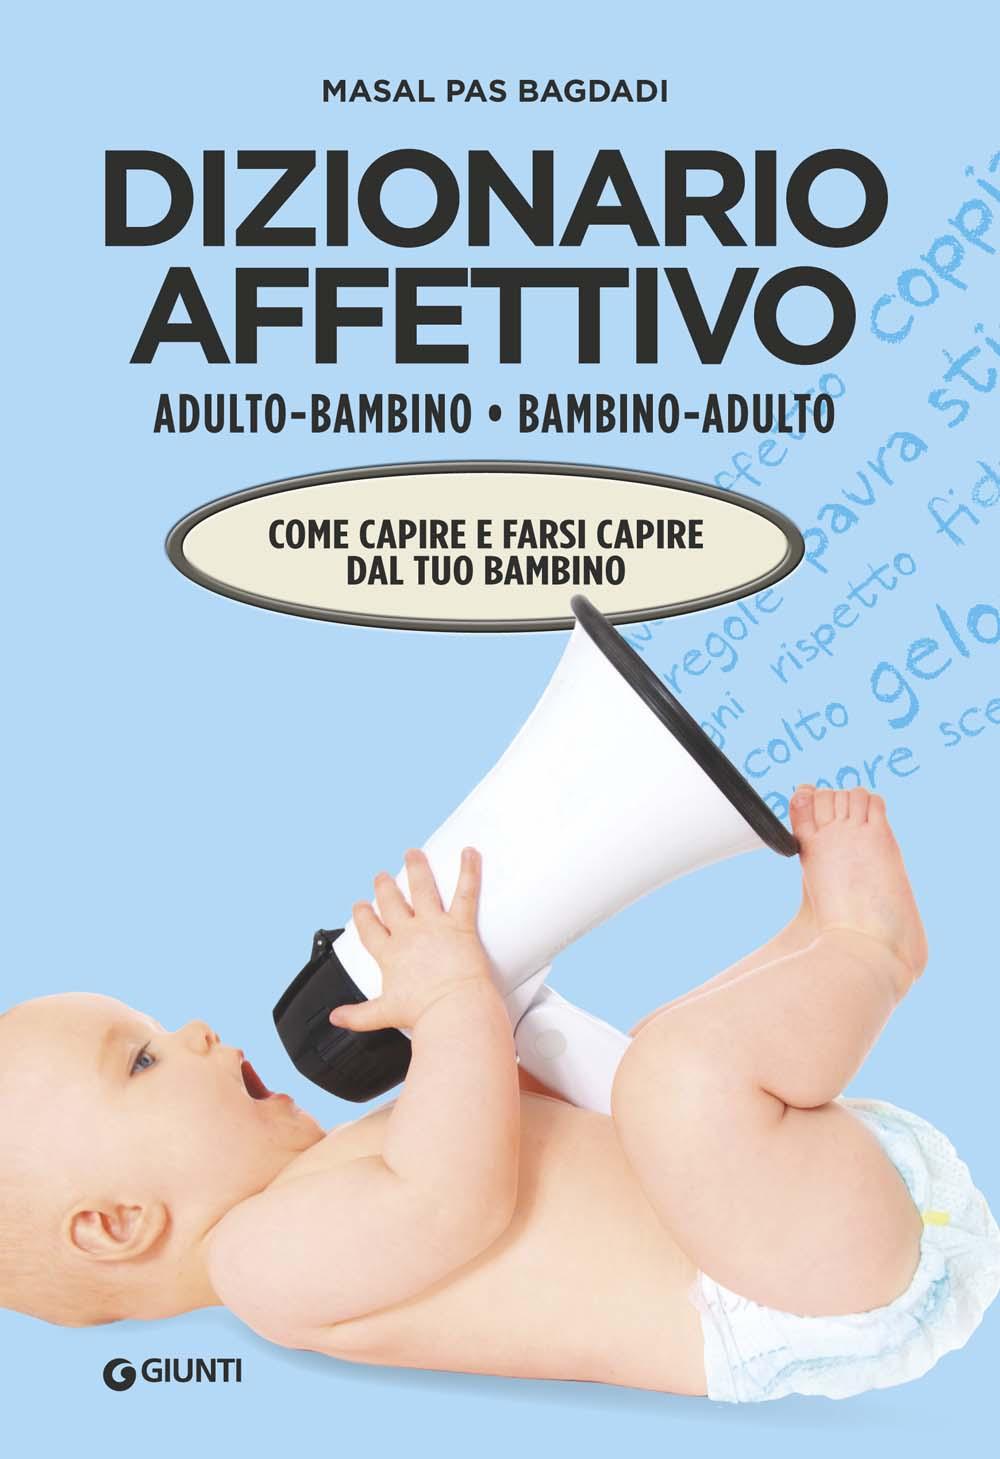 Dizionario affettivo adulto/bambino bambino/adulto